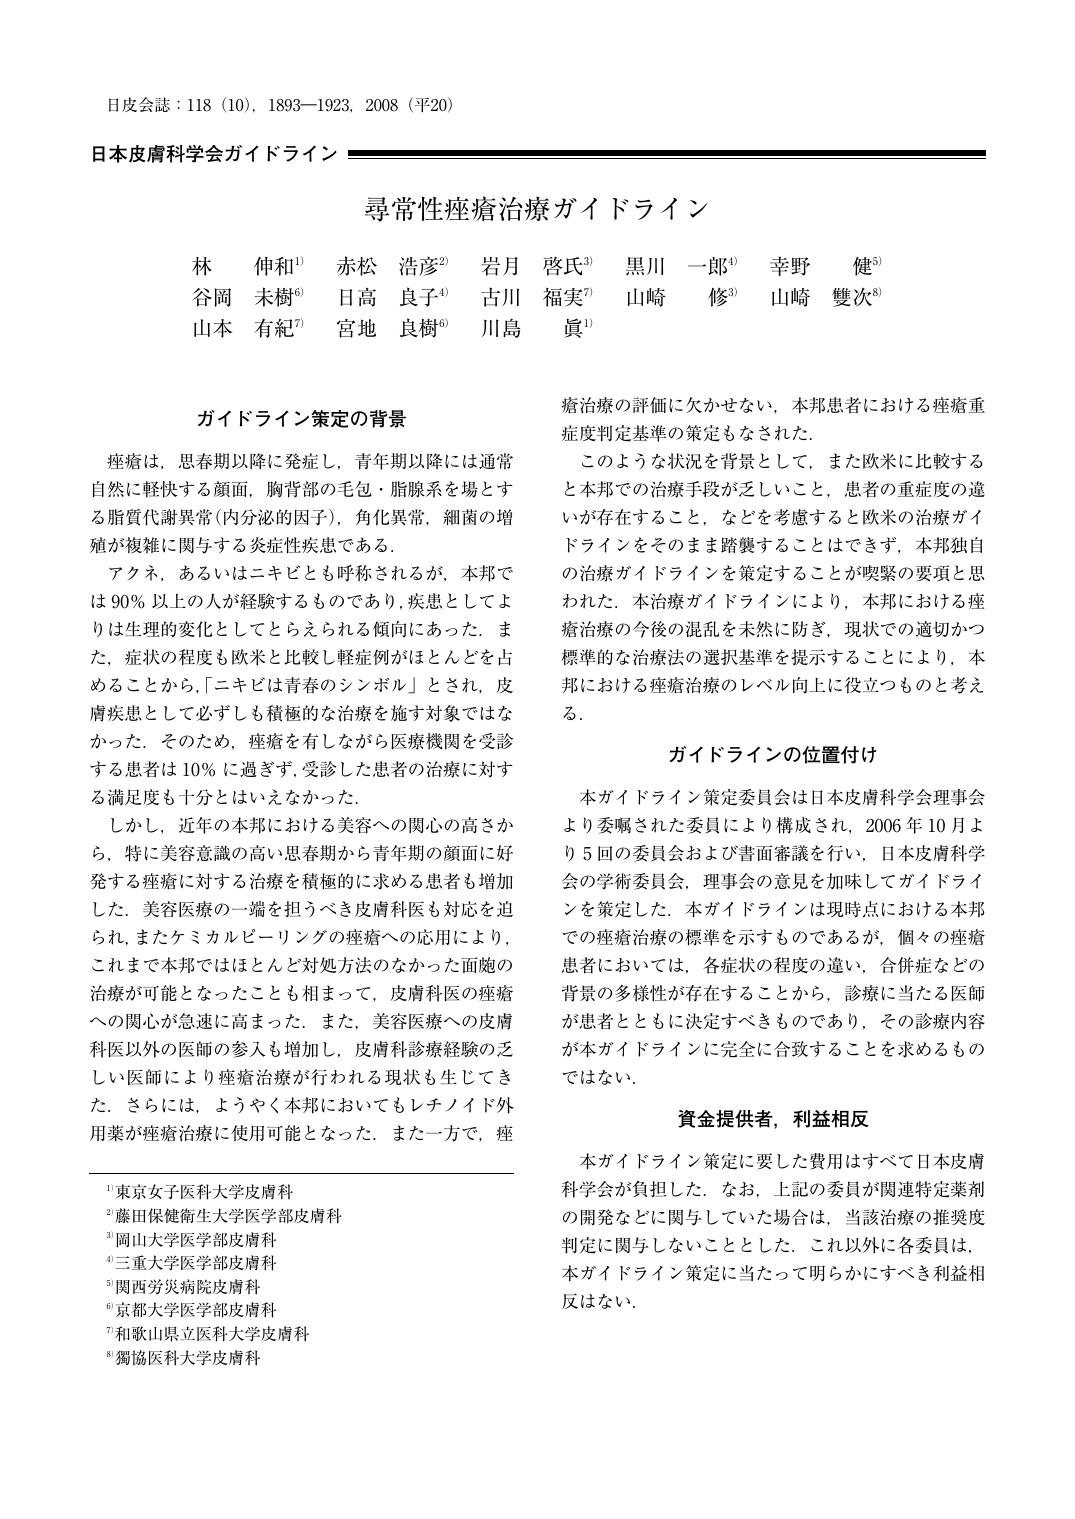 ガイドライン 科学 会 日本 皮膚 一般公開ガイドライン|公益社団法人日本皮膚科学会